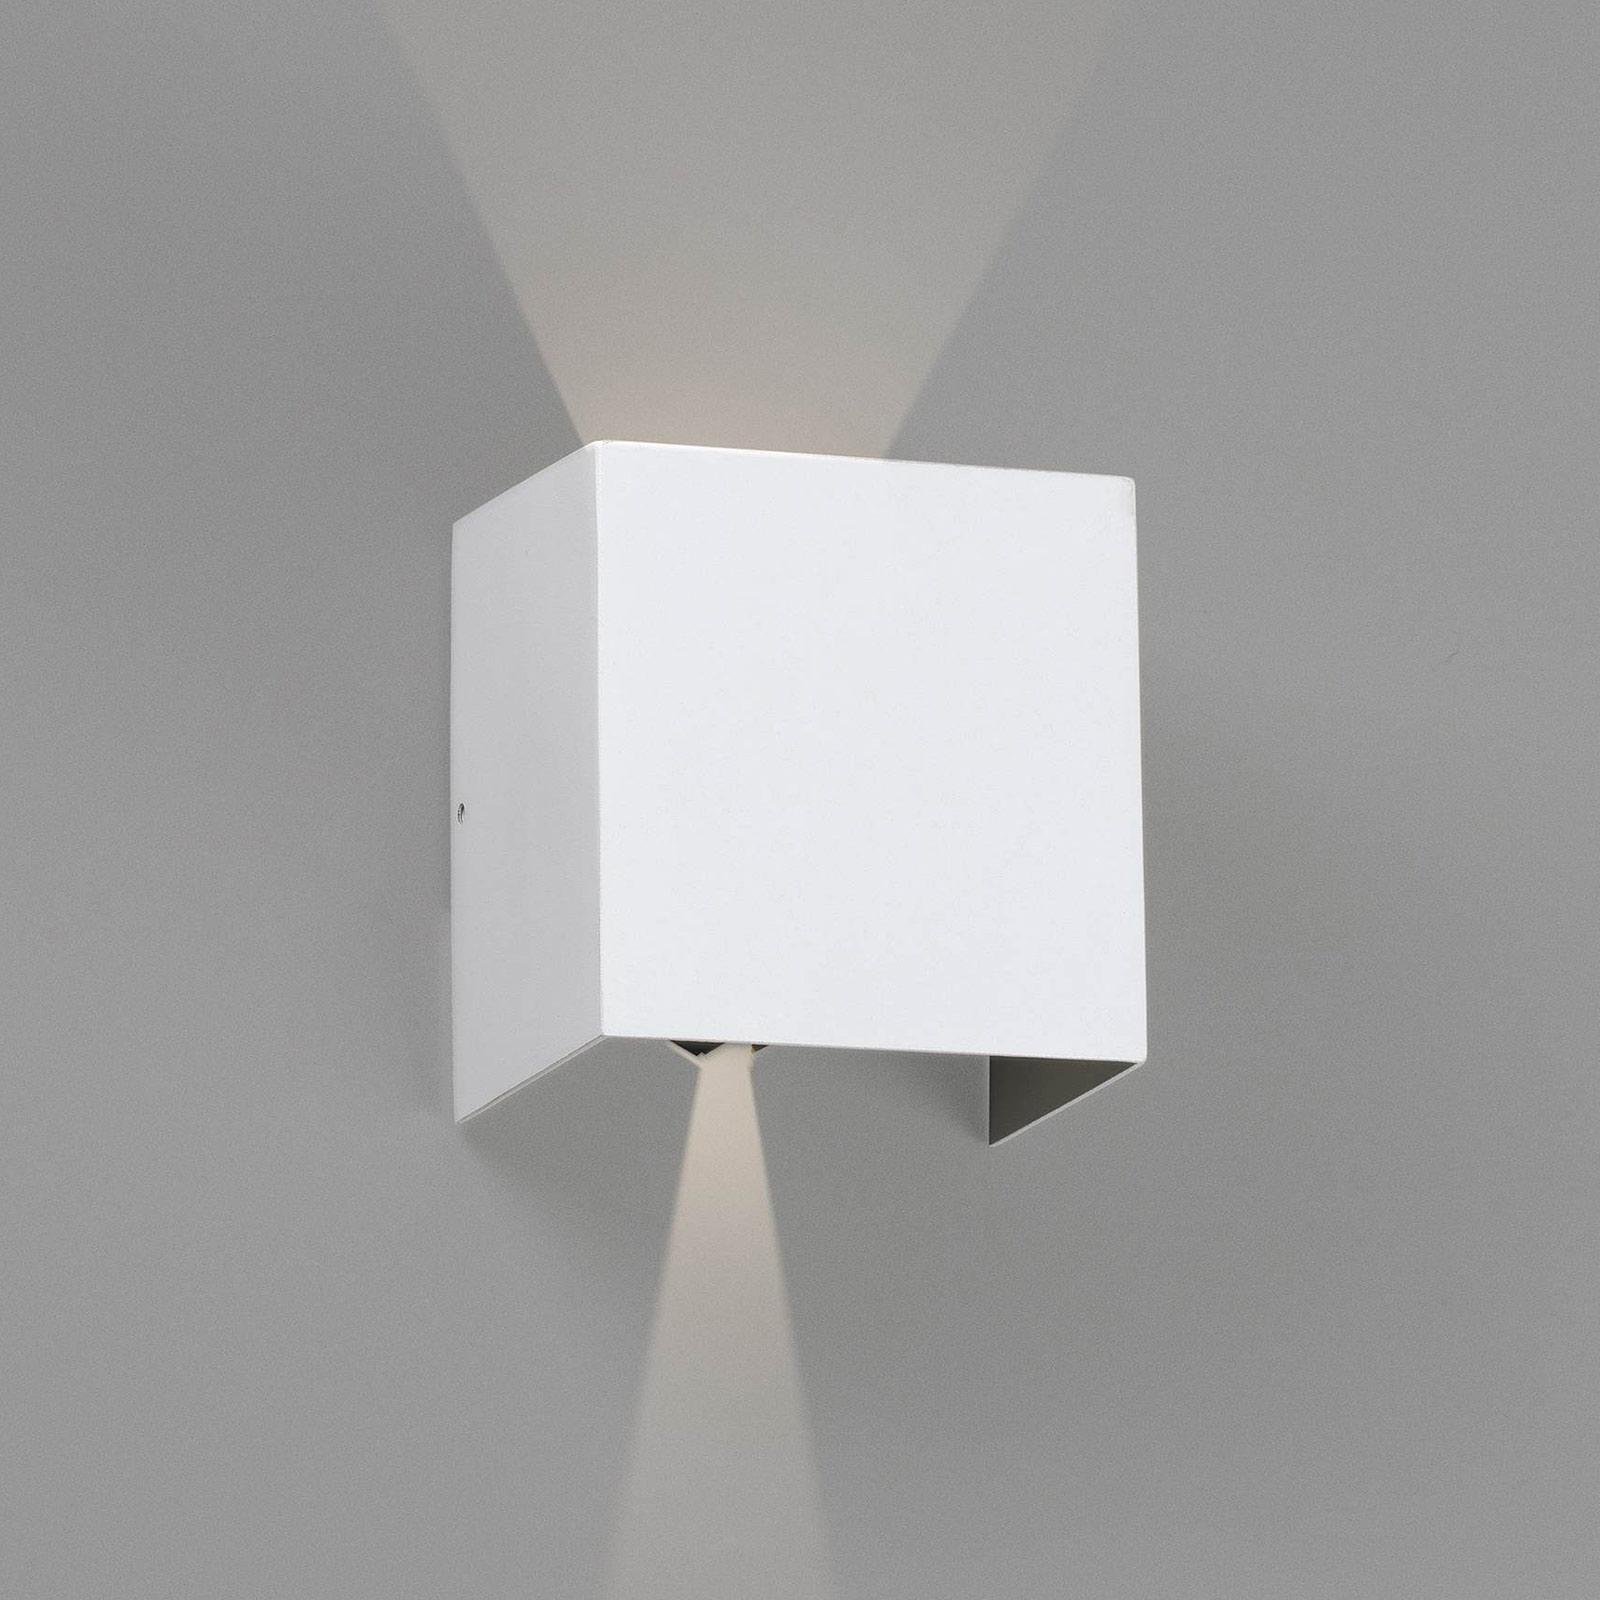 LED buitenwandlamp Olan, wit